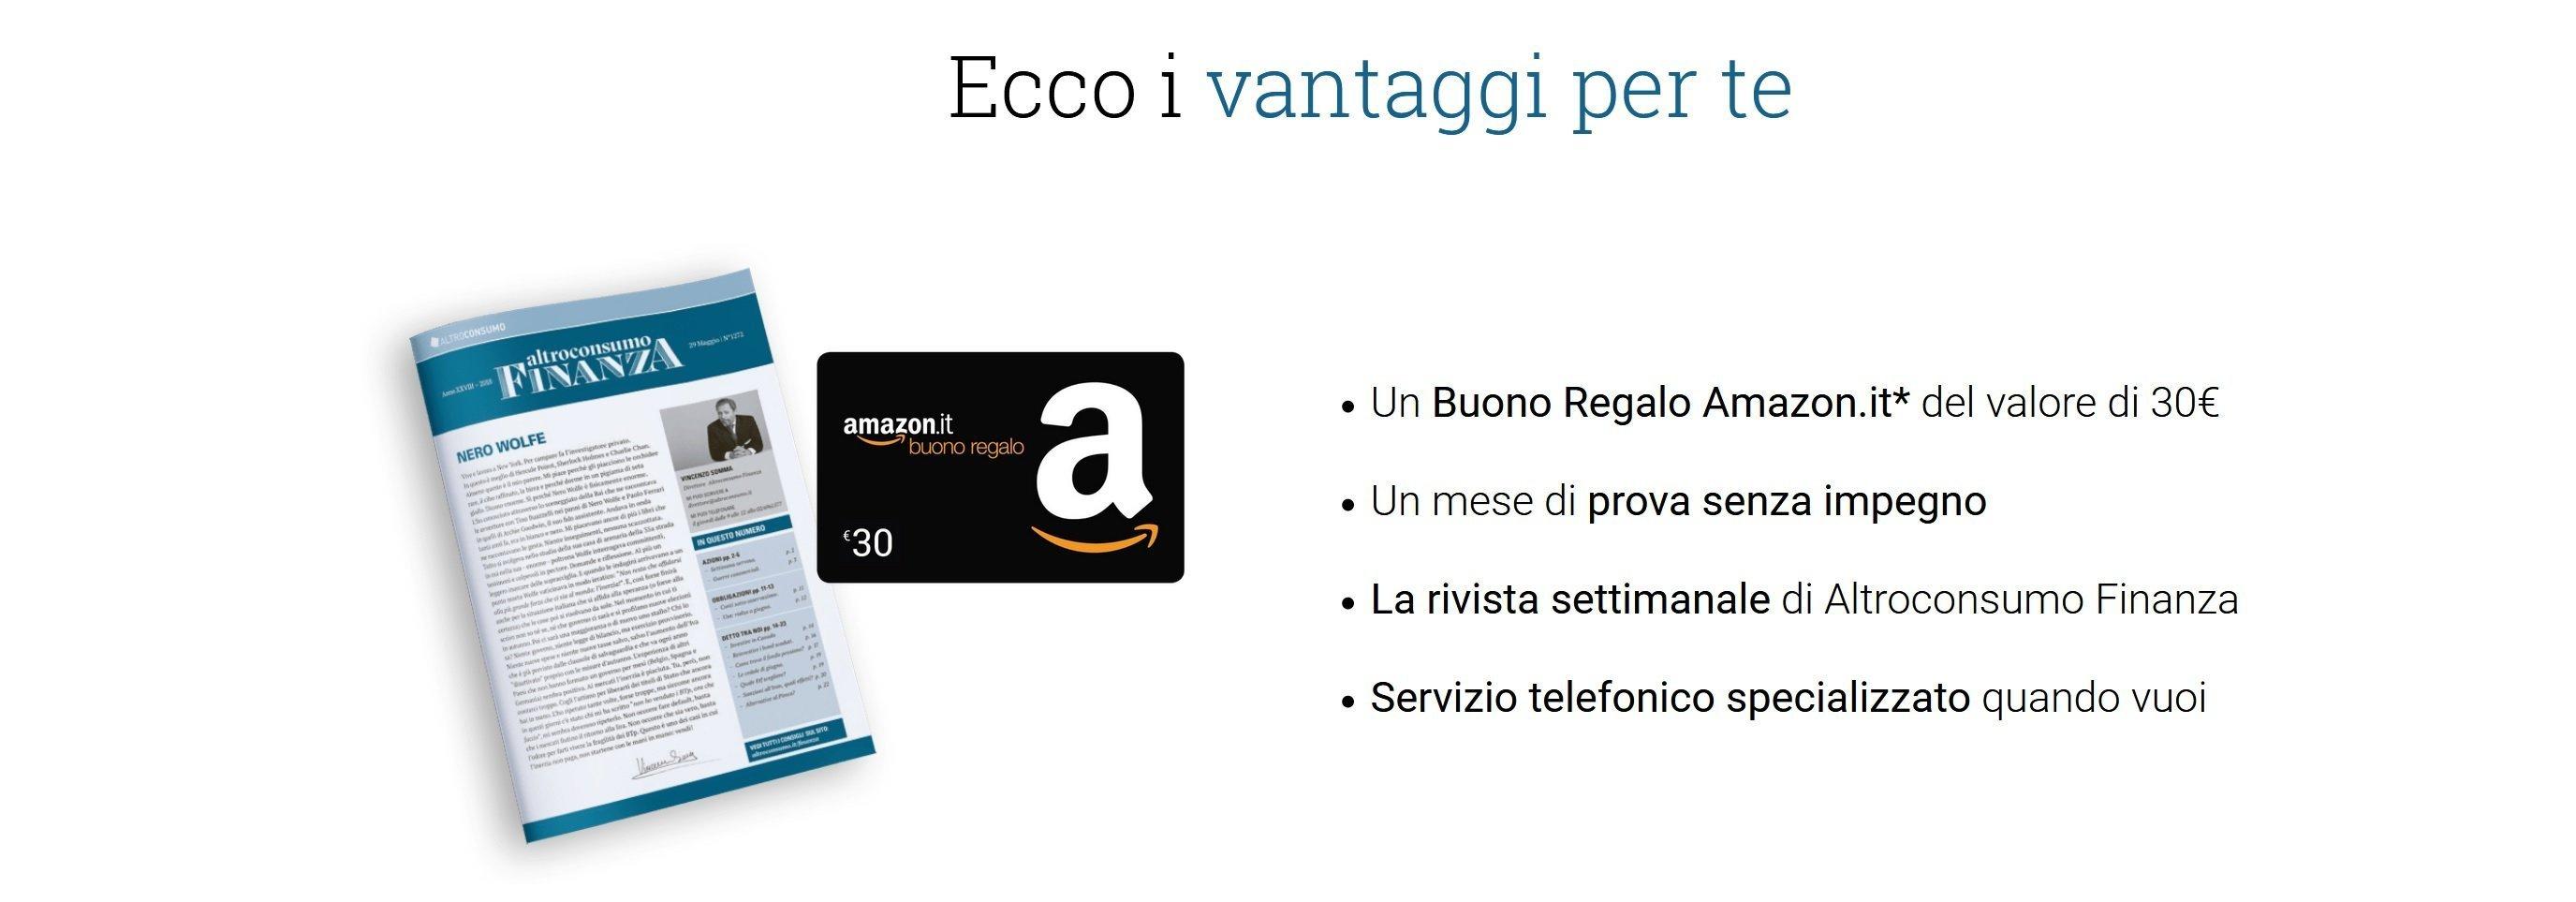 Vantaggi per gli iscritti ad altroconsumo finanza, tra cui un buono Amazon da 30€